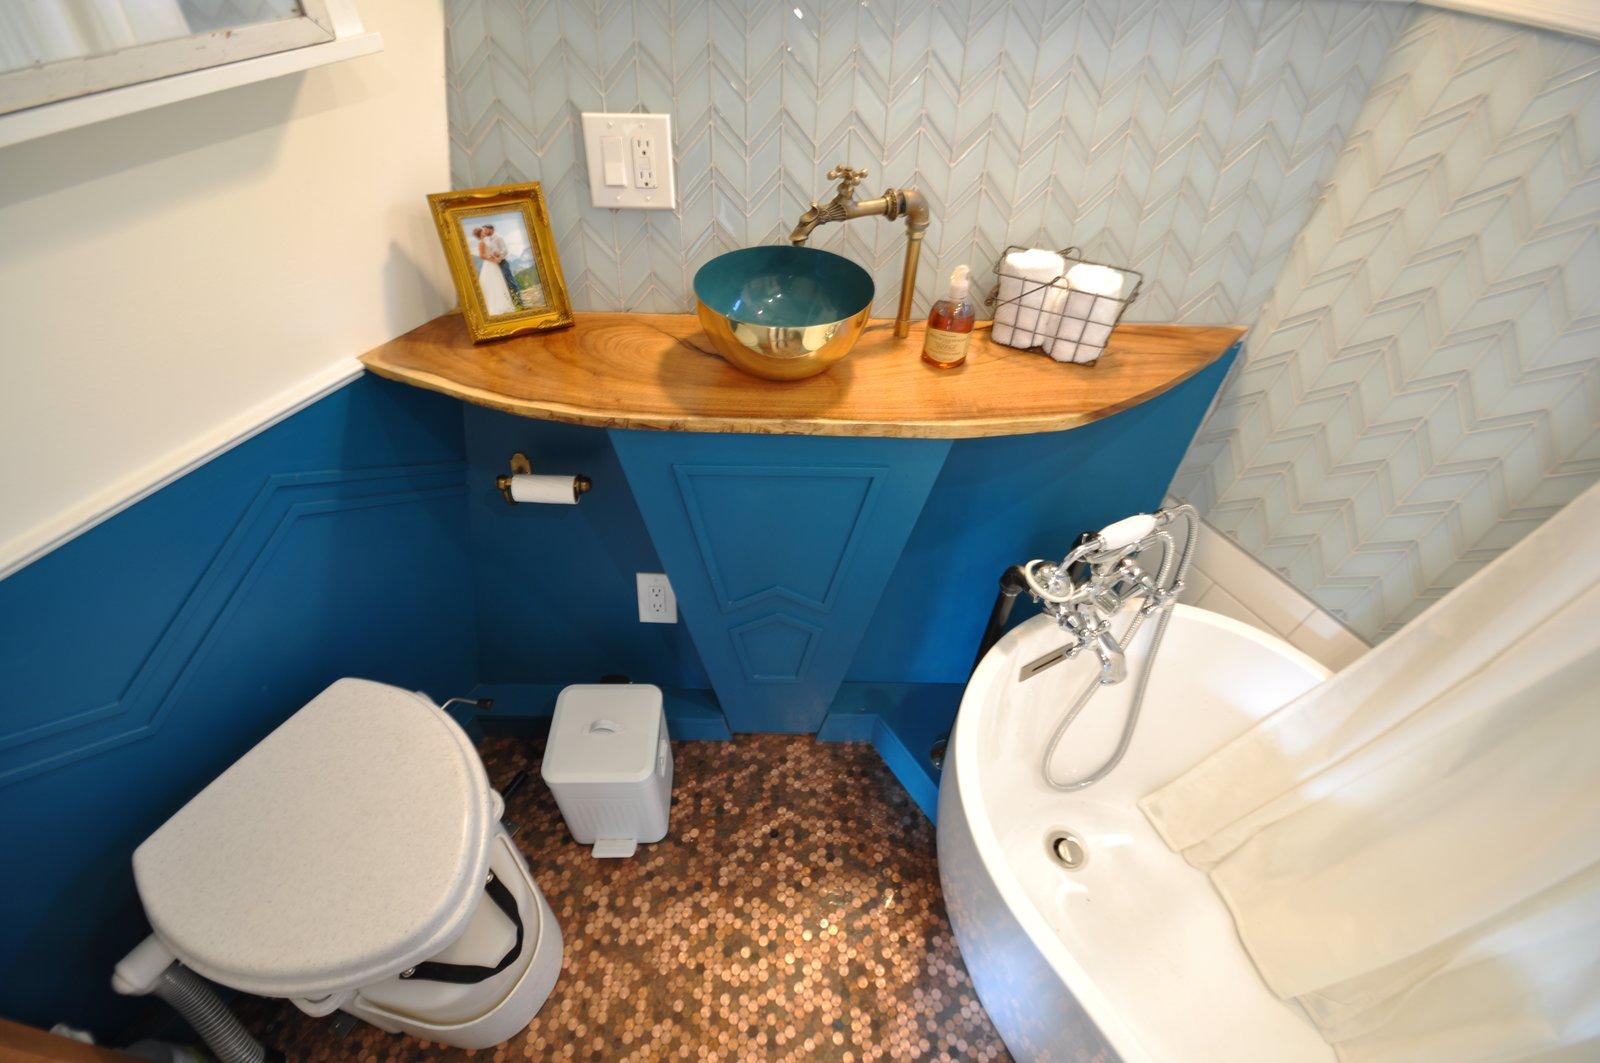 San Juan Tiny House bathroom